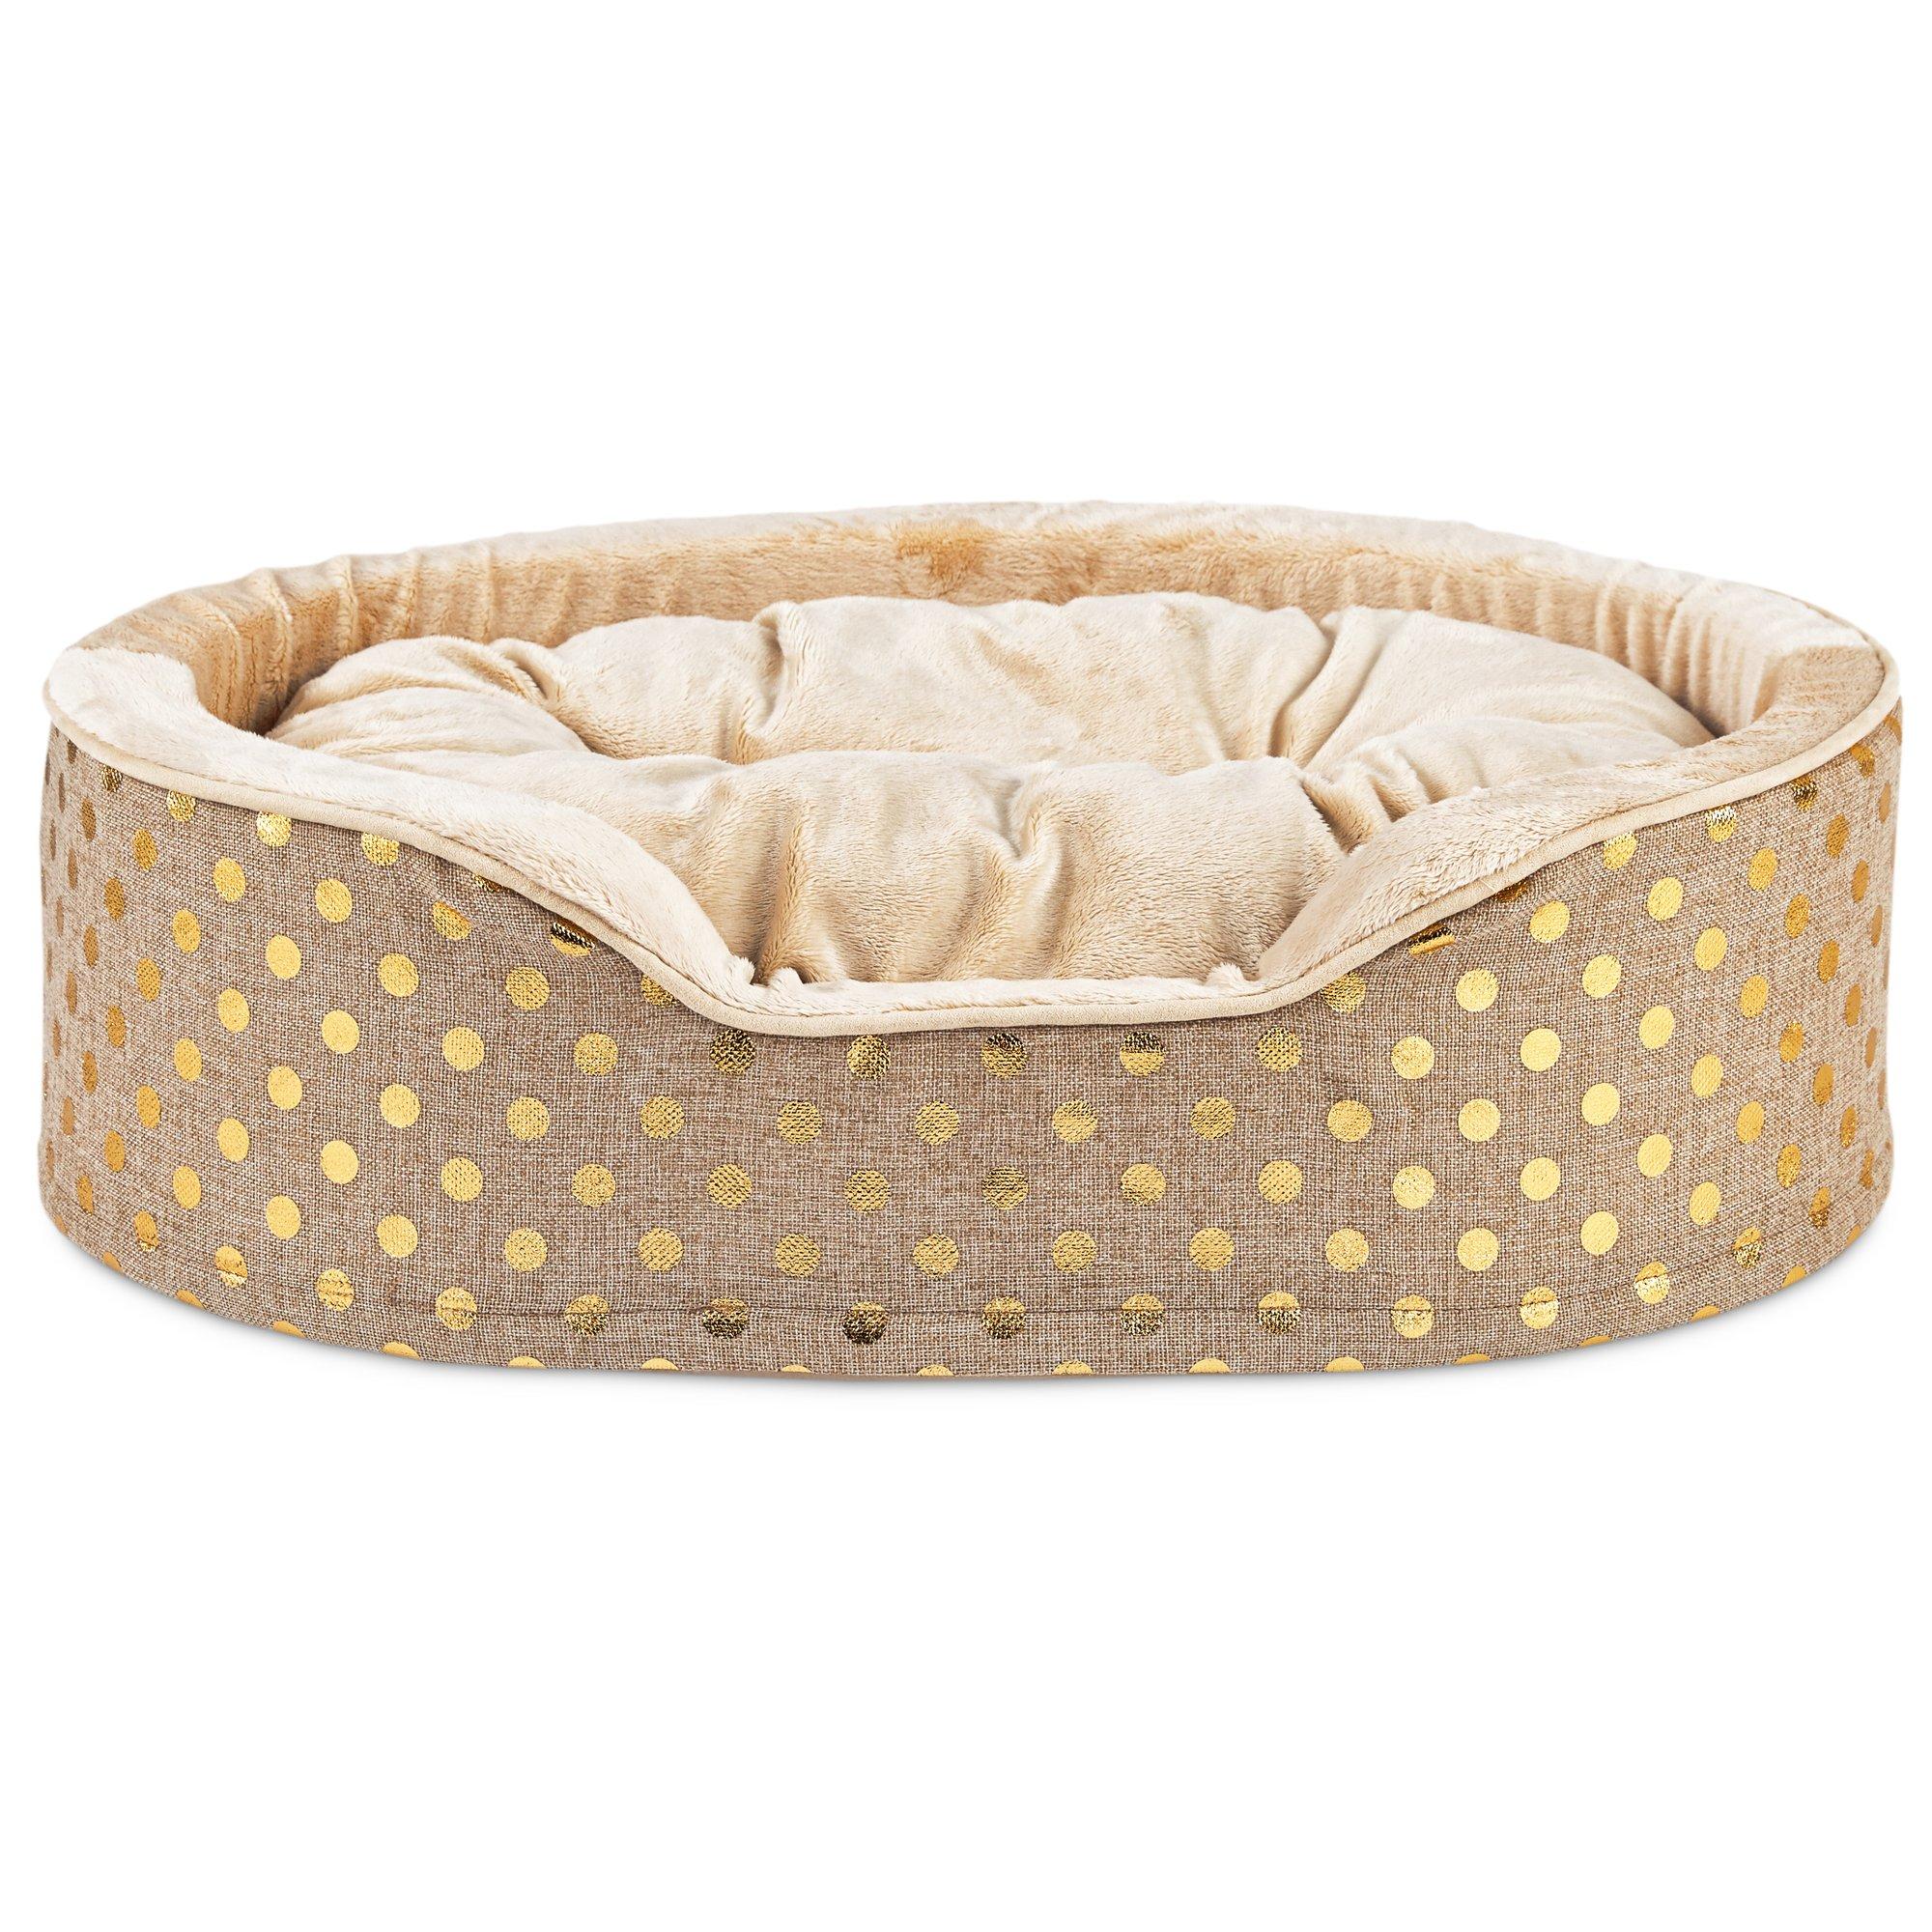 Nesting Dog Bed